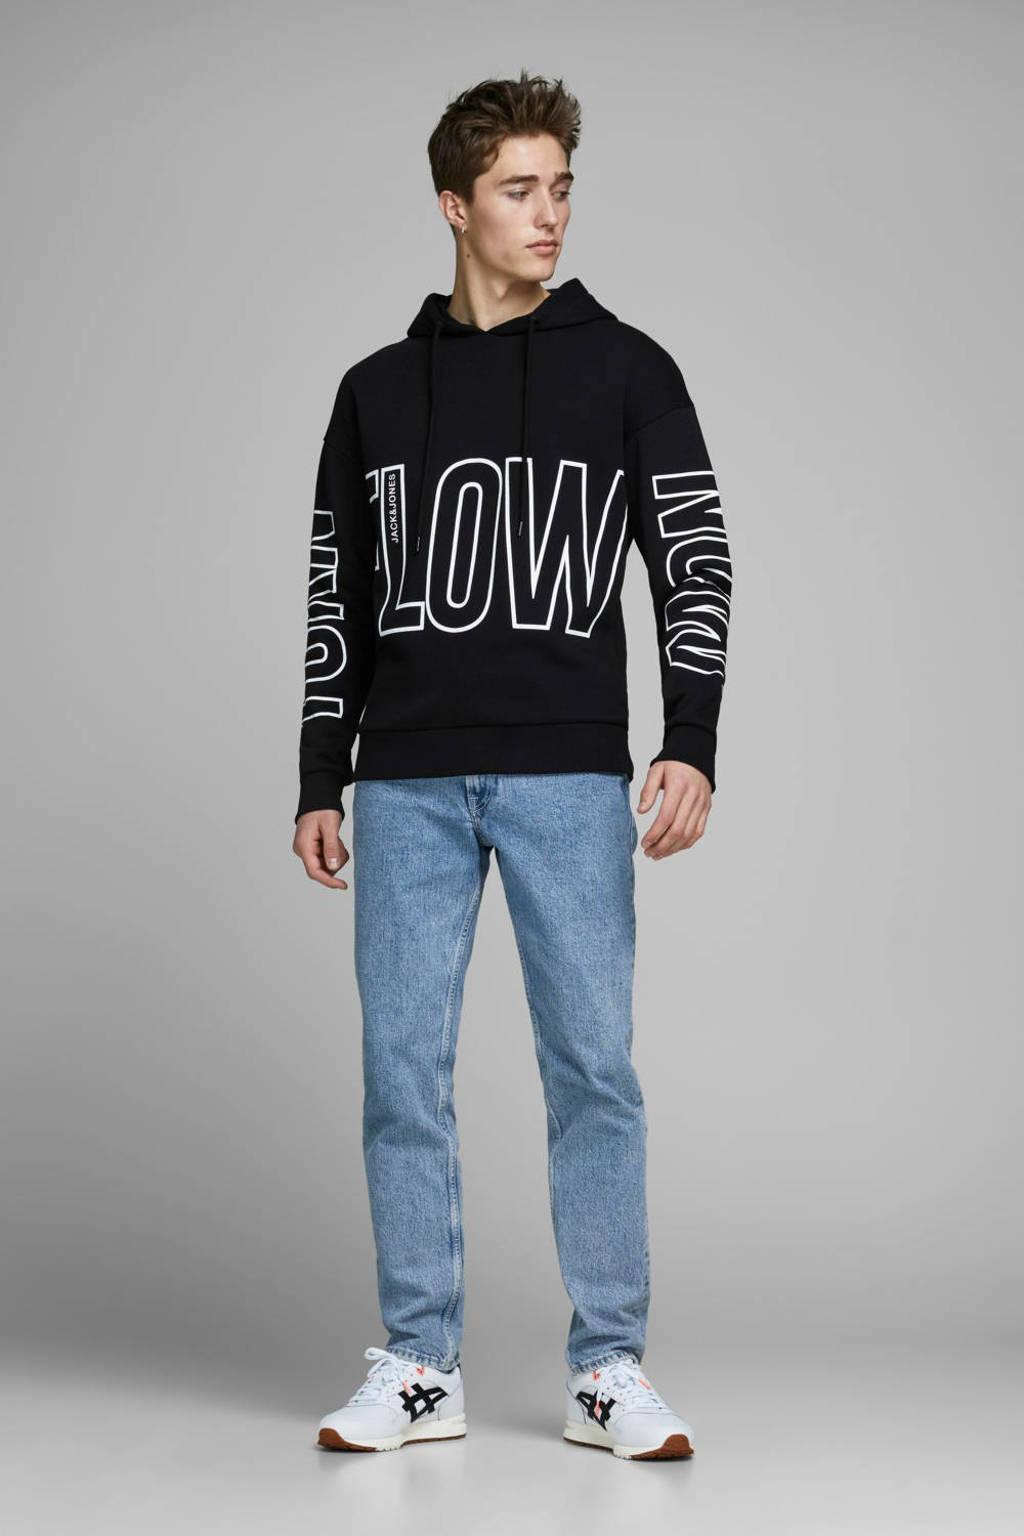 JACK & JONES CORE hoodie met tekst zwart/wit, Zwart/wit